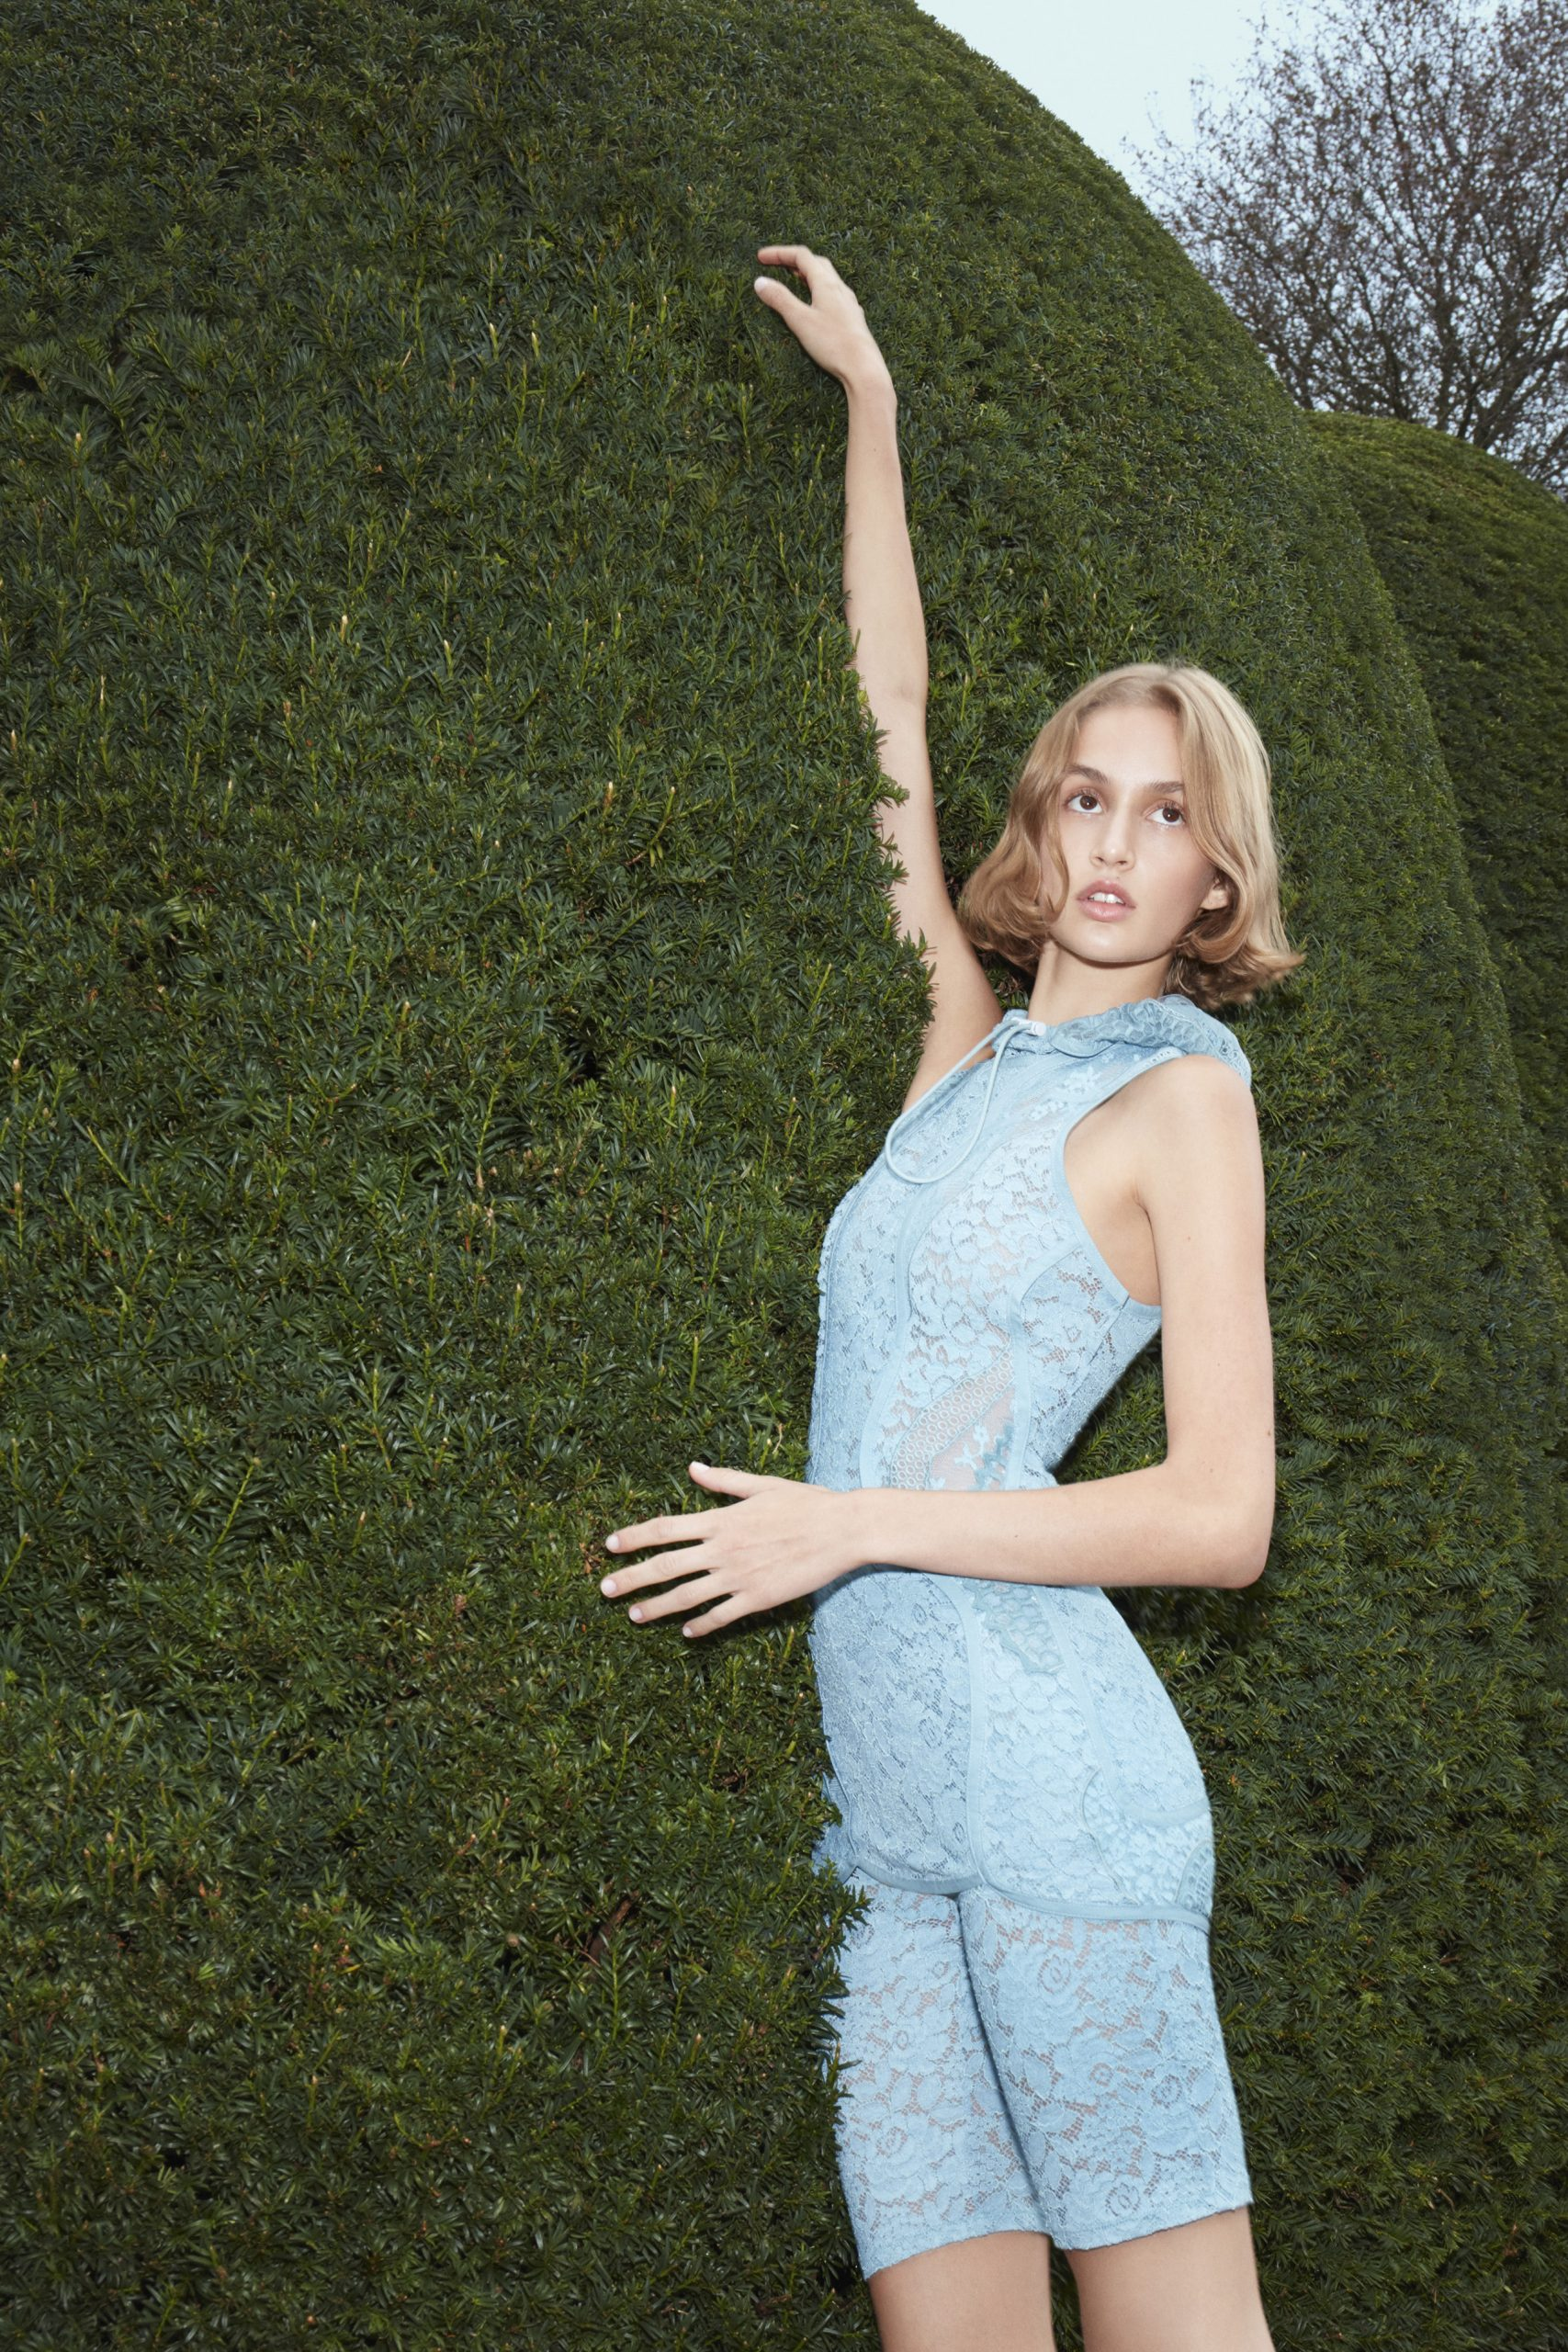 21. kép: Párizsi divathét - 2021-es tavaszi-nyári ready to wear kollekció - Stella McCartney